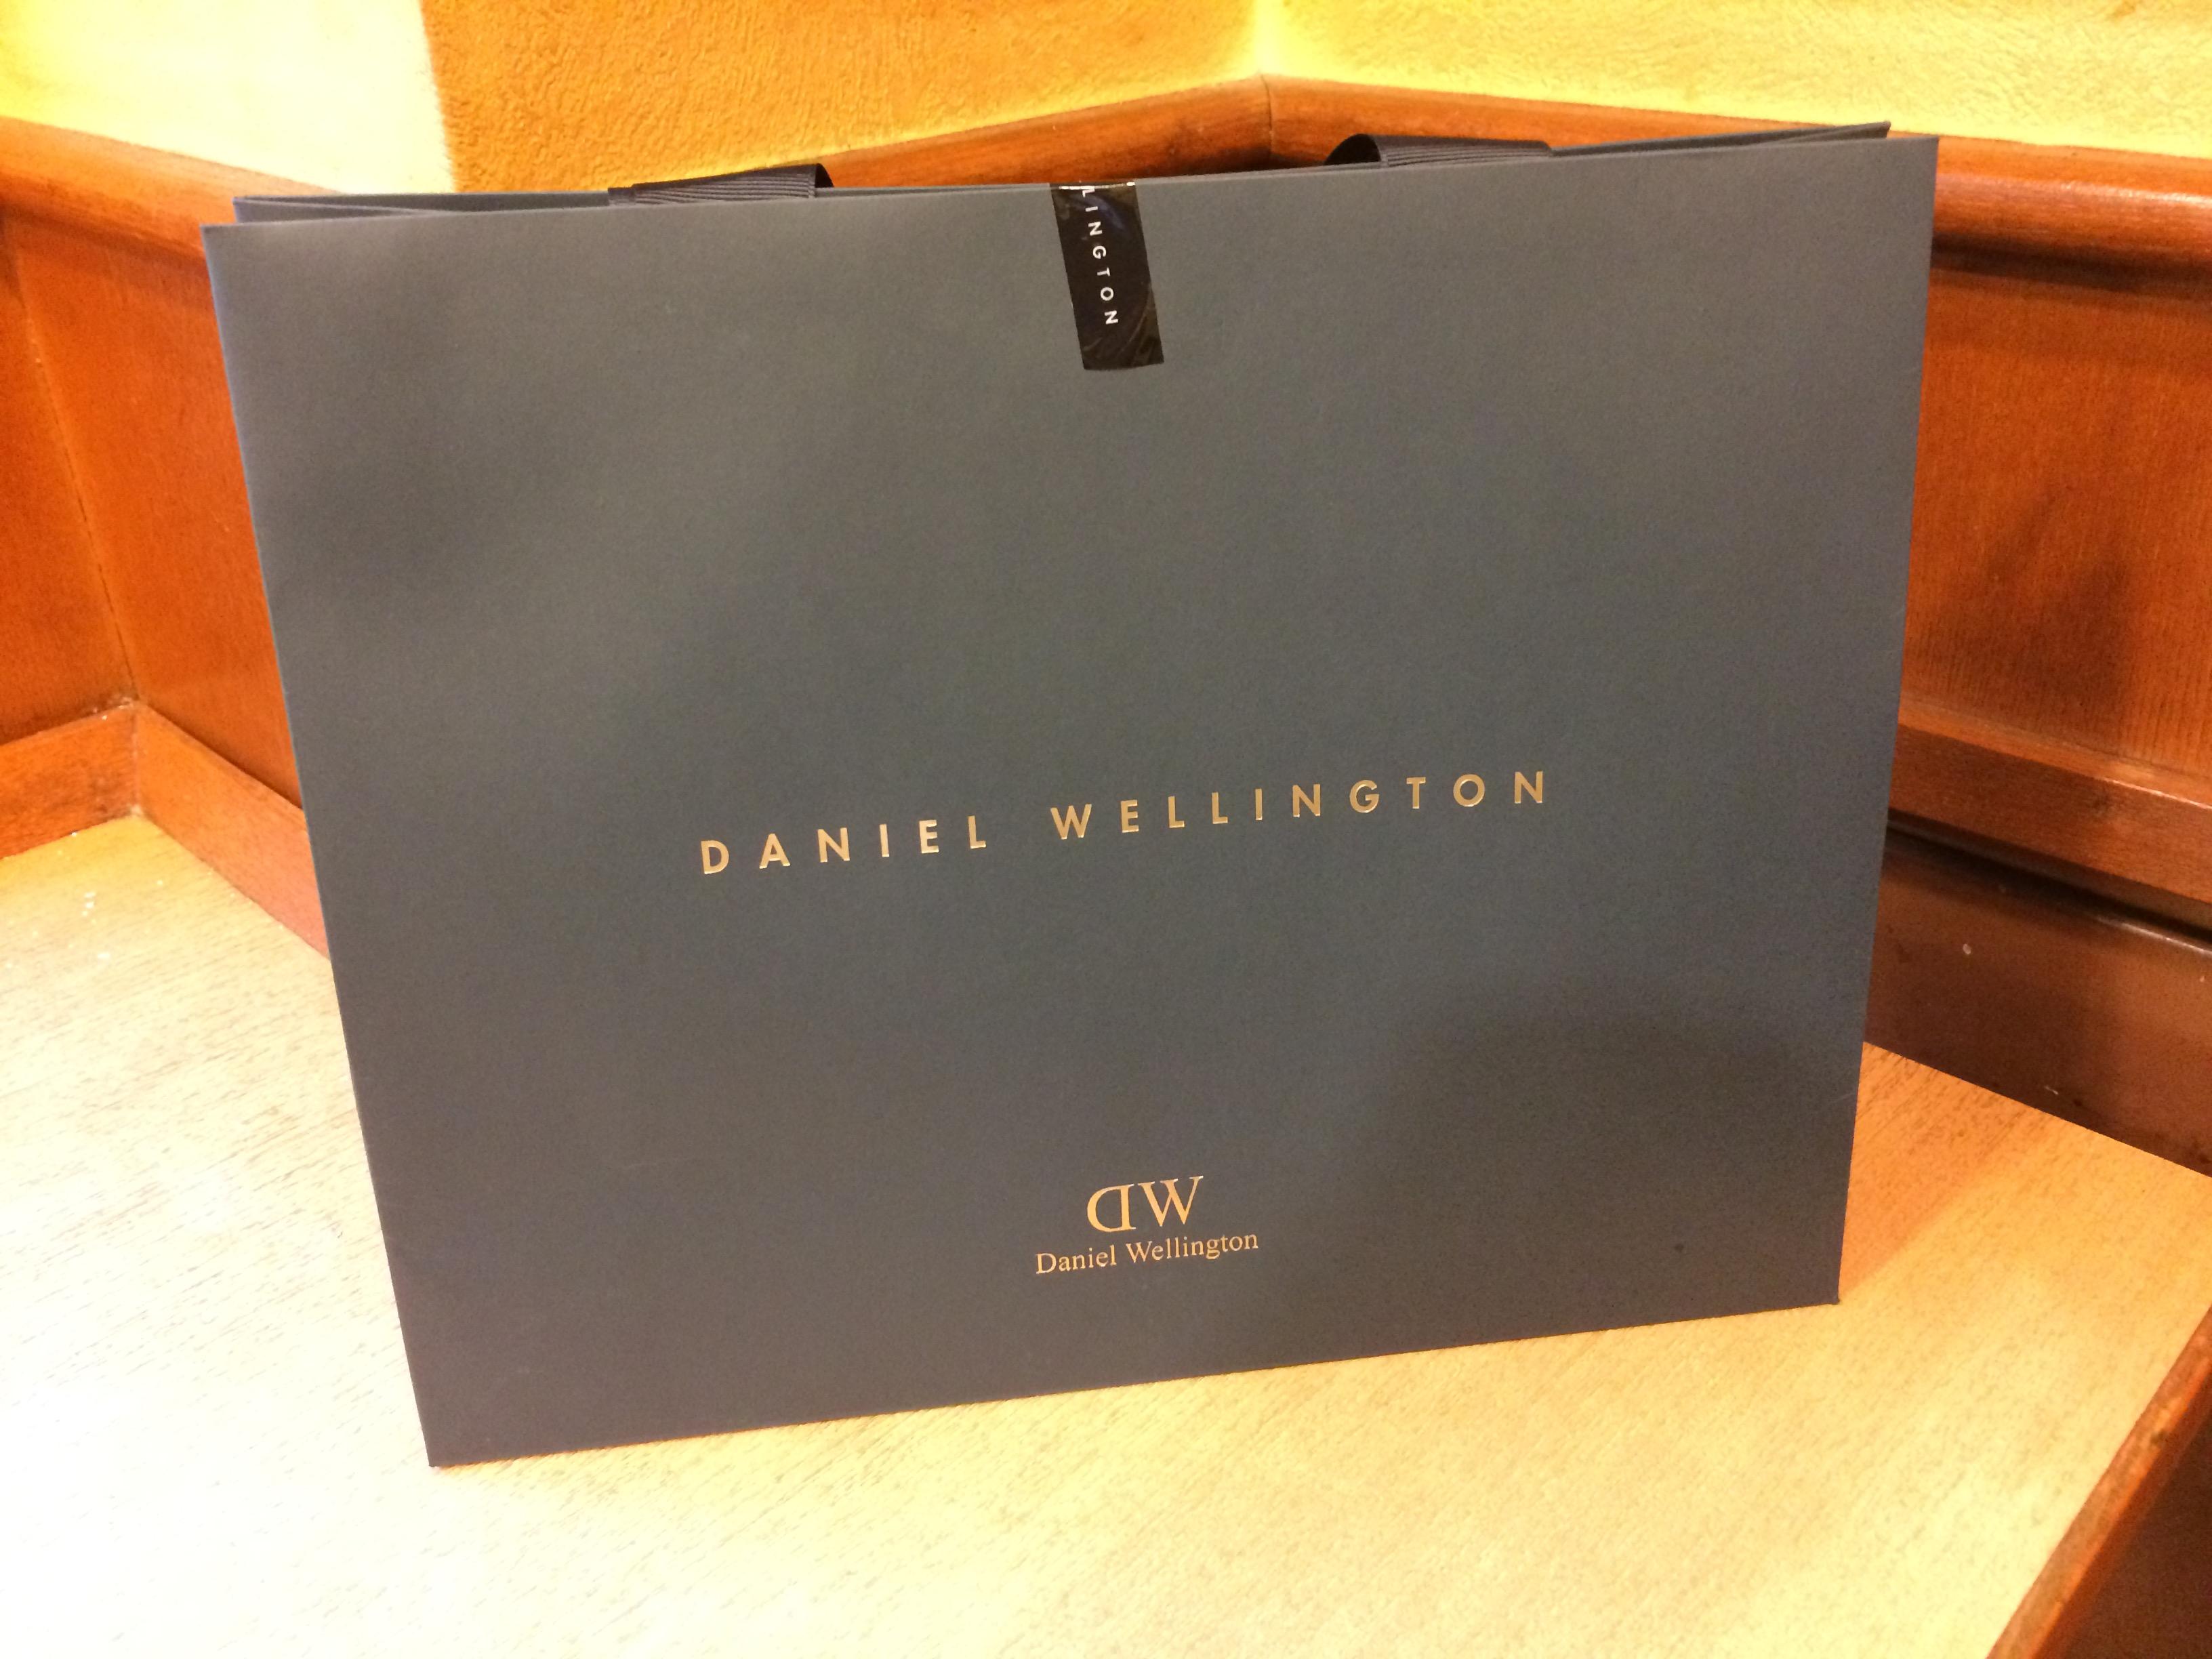 ダニエルウェリントン(Daniel Wellington)の時計は安価なネットショップで大丈夫?正規のお店で安心を買う?